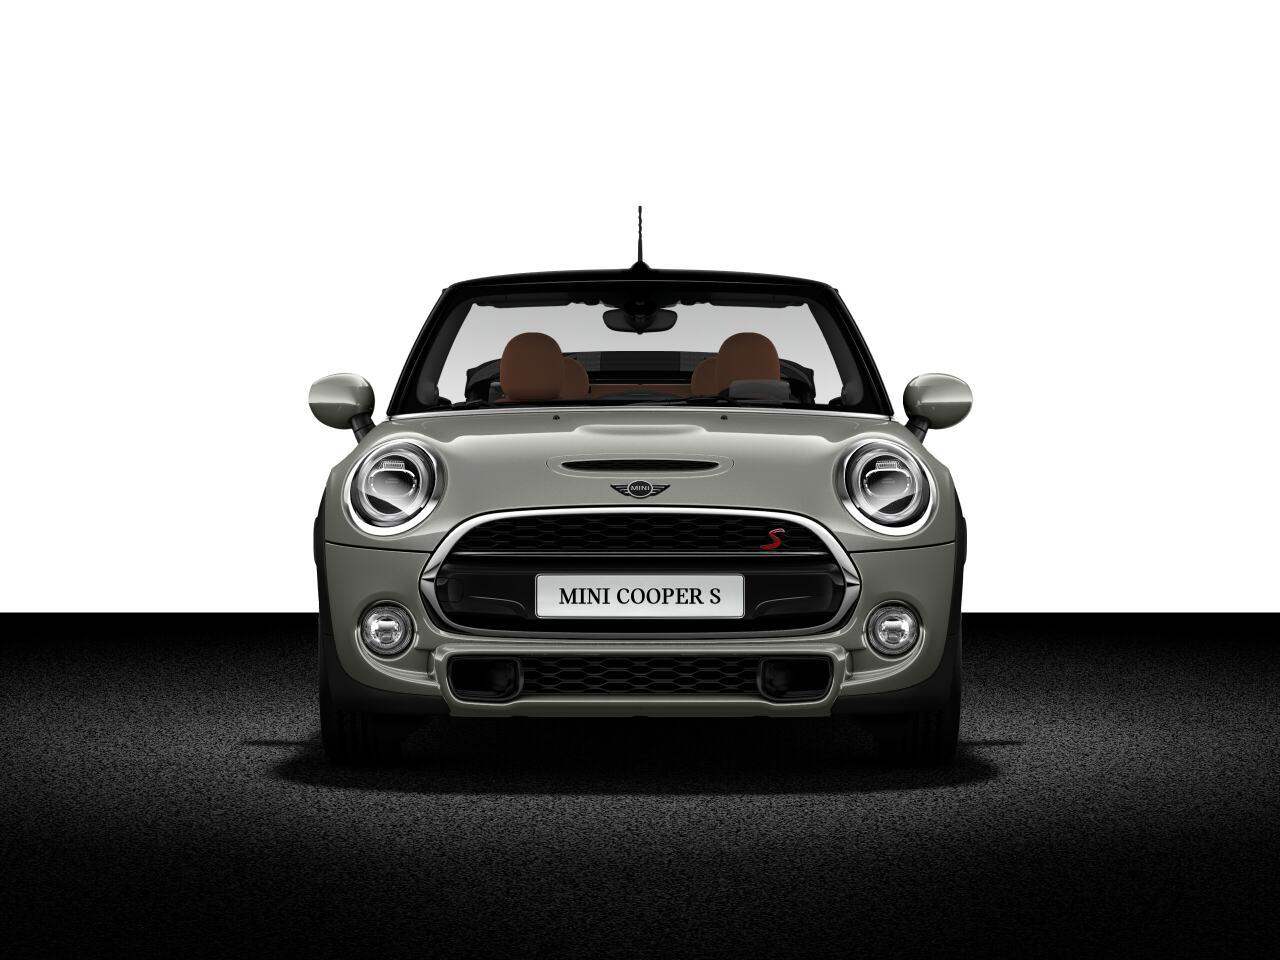 MINI Cooper S Convertible front profile